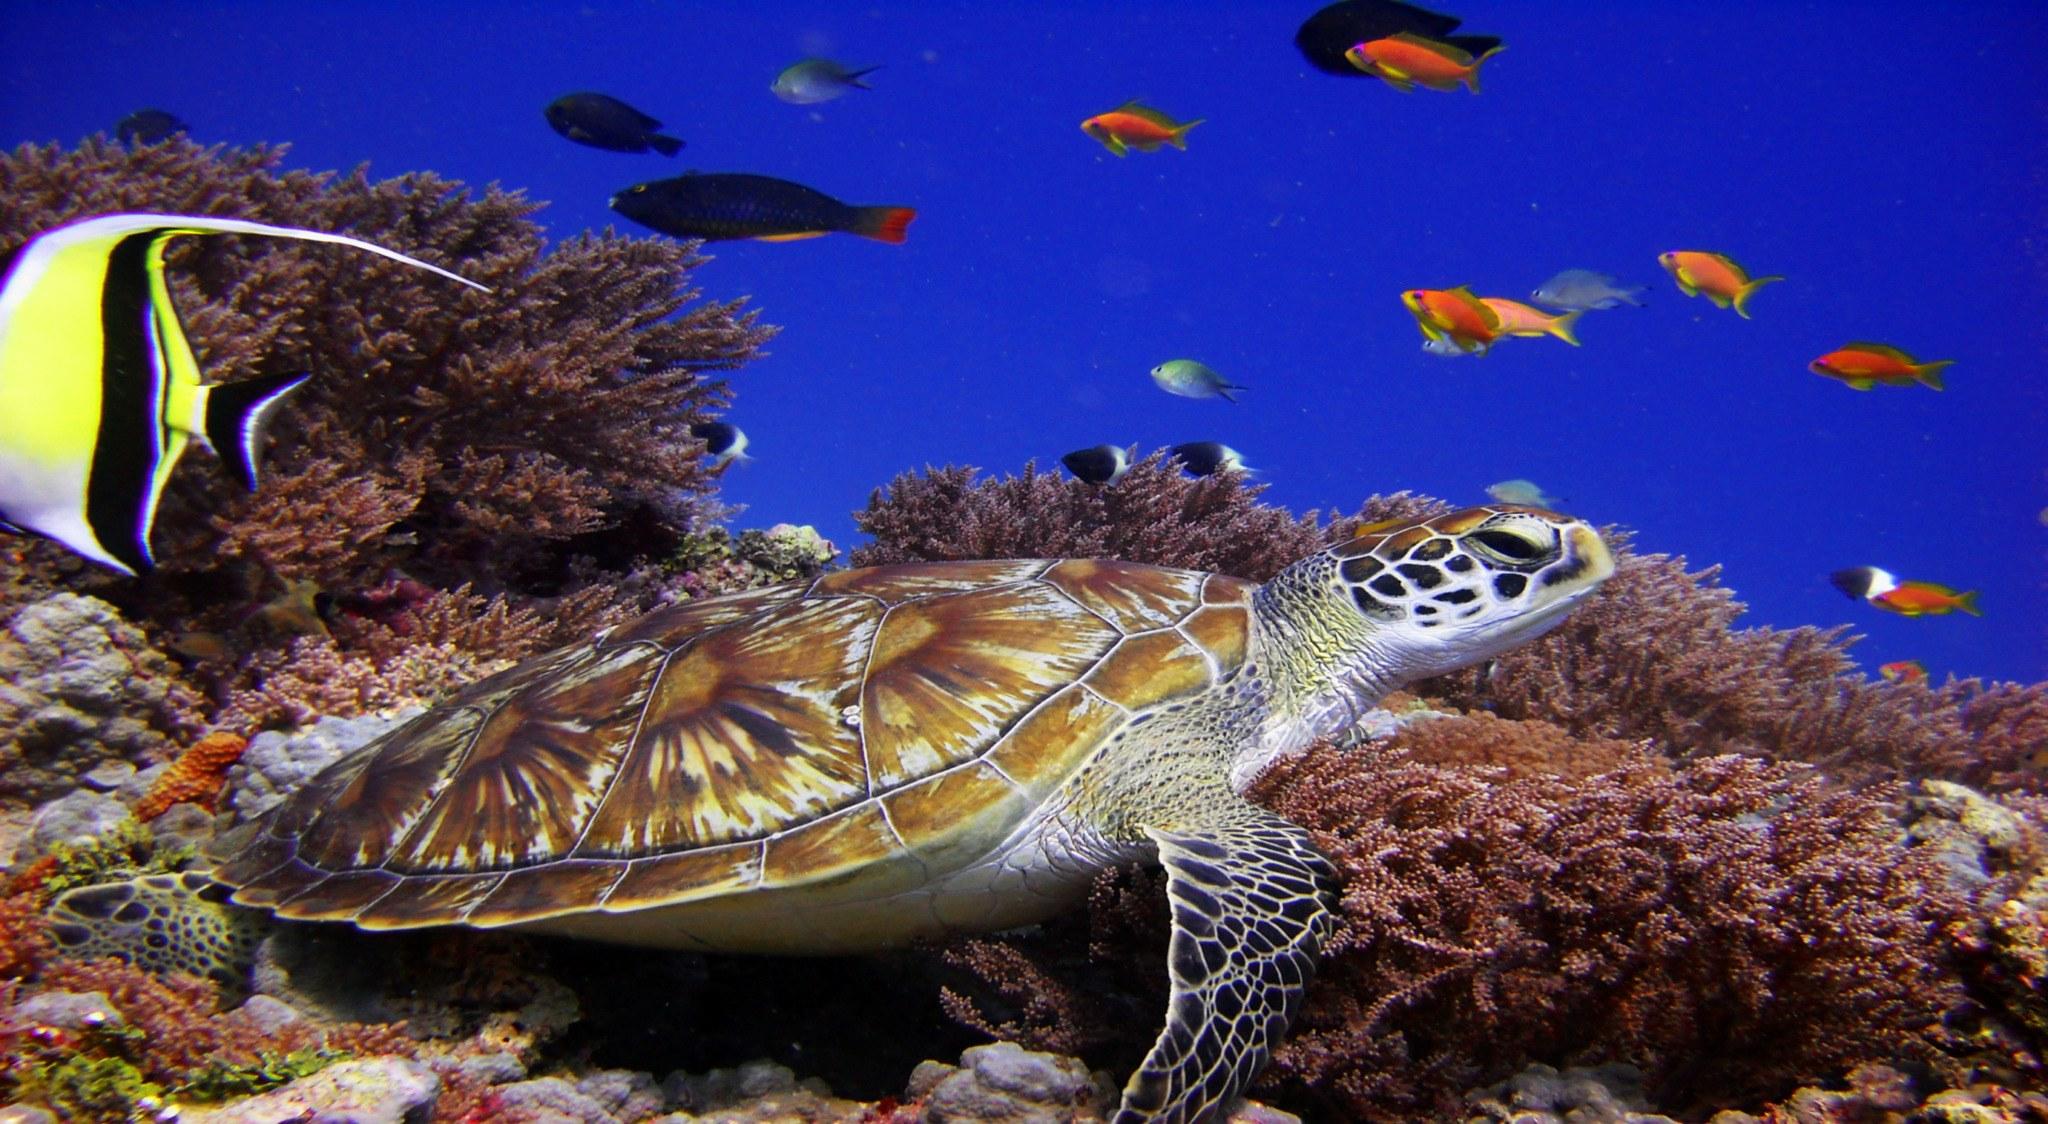 Schildkröte sitzt auf Koralle: Aufnahme als wir auf Sansibar tauchen waren